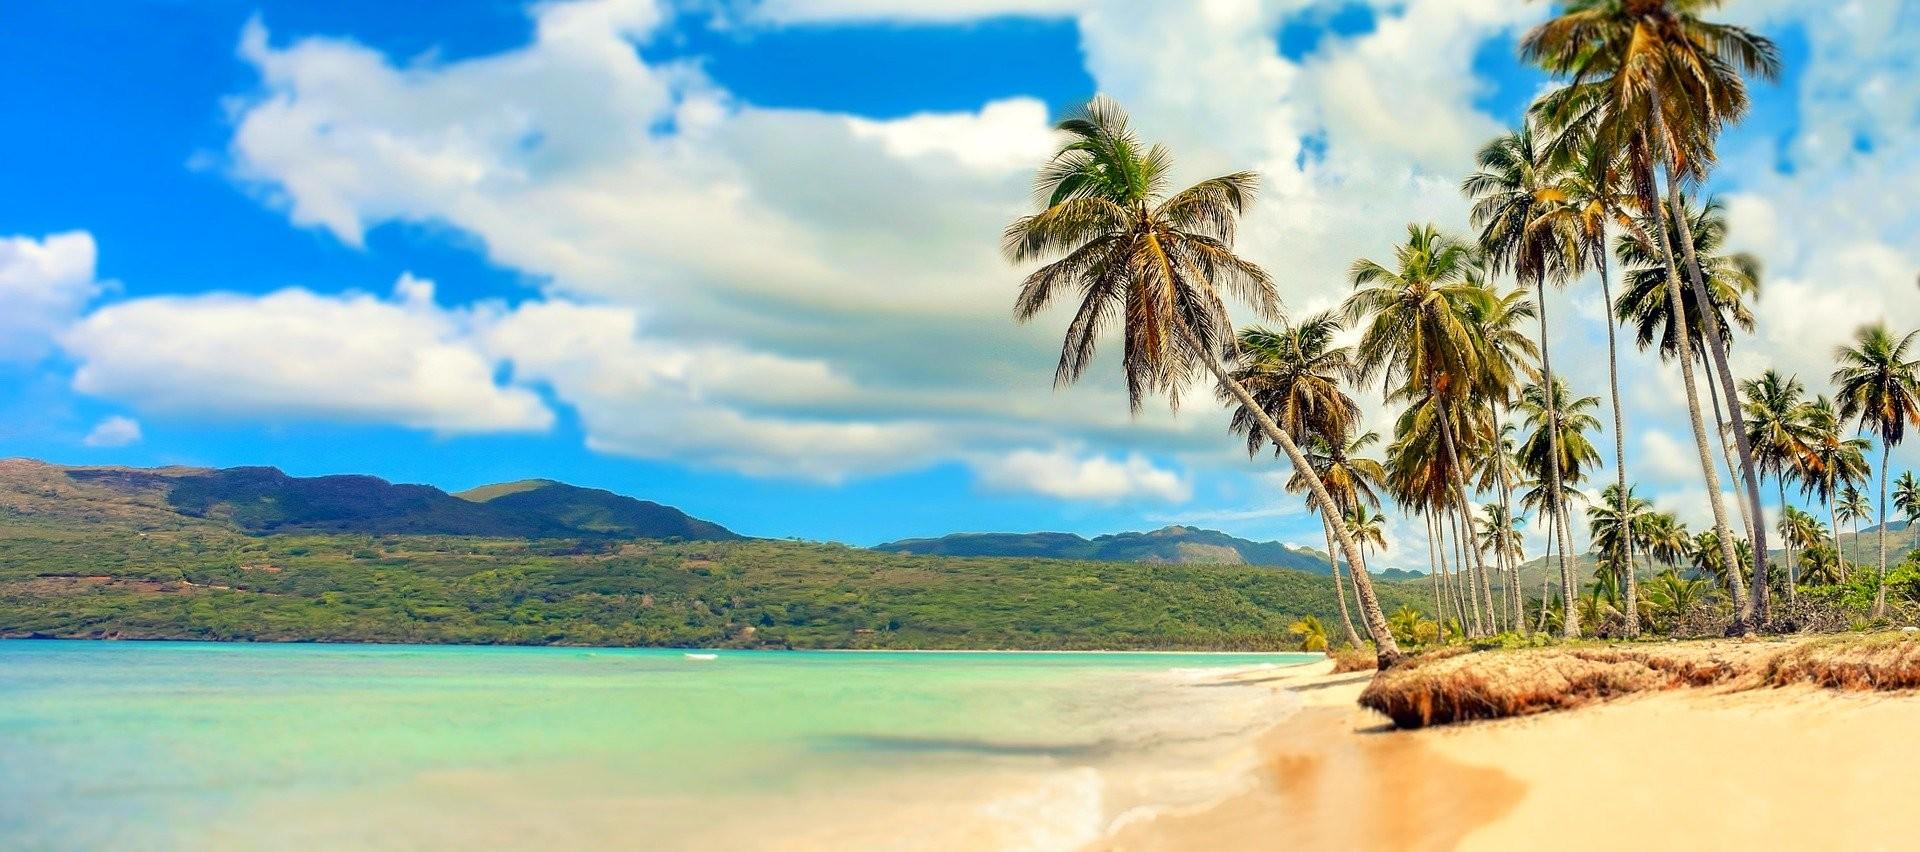 news-main-la-republique-dominicaine-presente-ses-protocoles-pour-la-reactivation-du-tourisme.1594034605.jpg